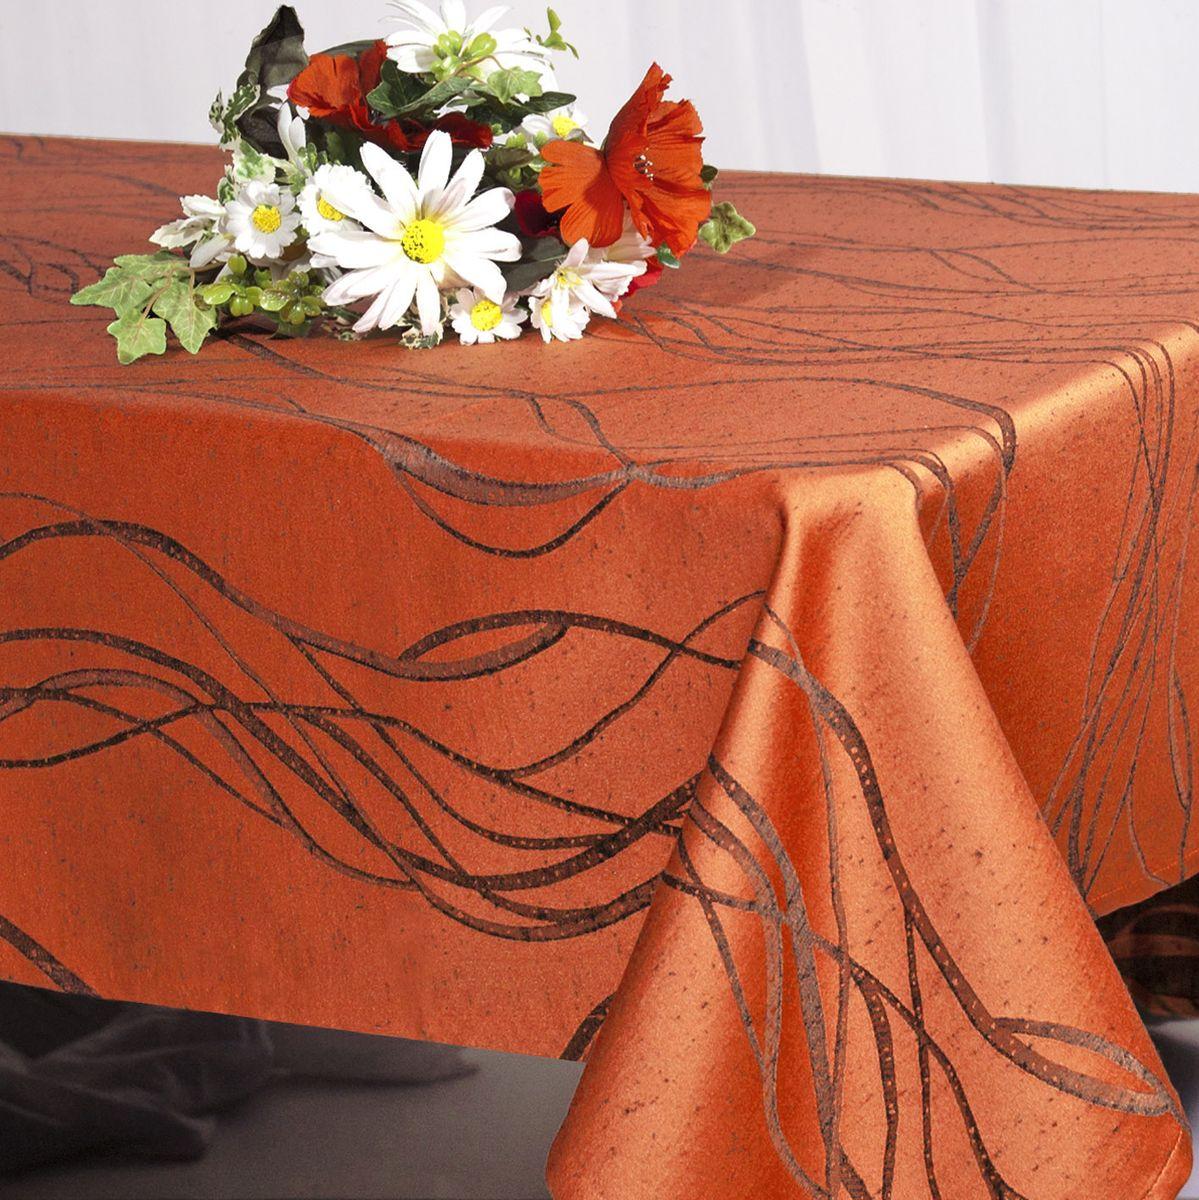 Скатерть Schaefer, прямоугольная, цвет: коричнево-красный, 140 х 170 см. 06929-43006929-430Стильная скатерть Schaefer выполнена из полиэстера.Изделия из полиэстера легко стирать: они не мнутся, не садятся и быстро сохнут, они более долговечны, чем изделия из натуральных волокон.Немецкая компания Schaefer создана в 1921 году. На протяжении всего времени существования она создает уникальные коллекции домашнего текстиля для гостиных, спален, кухонь и ванных комнат. Дизайнерские идеи немецких художников компании Schaefer воплощаются в текстильных изделиях, которые сделают ваш дом красивее и уютнее и не останутся незамеченными вашими гостями. Дарите себе и близким красоту каждый день!